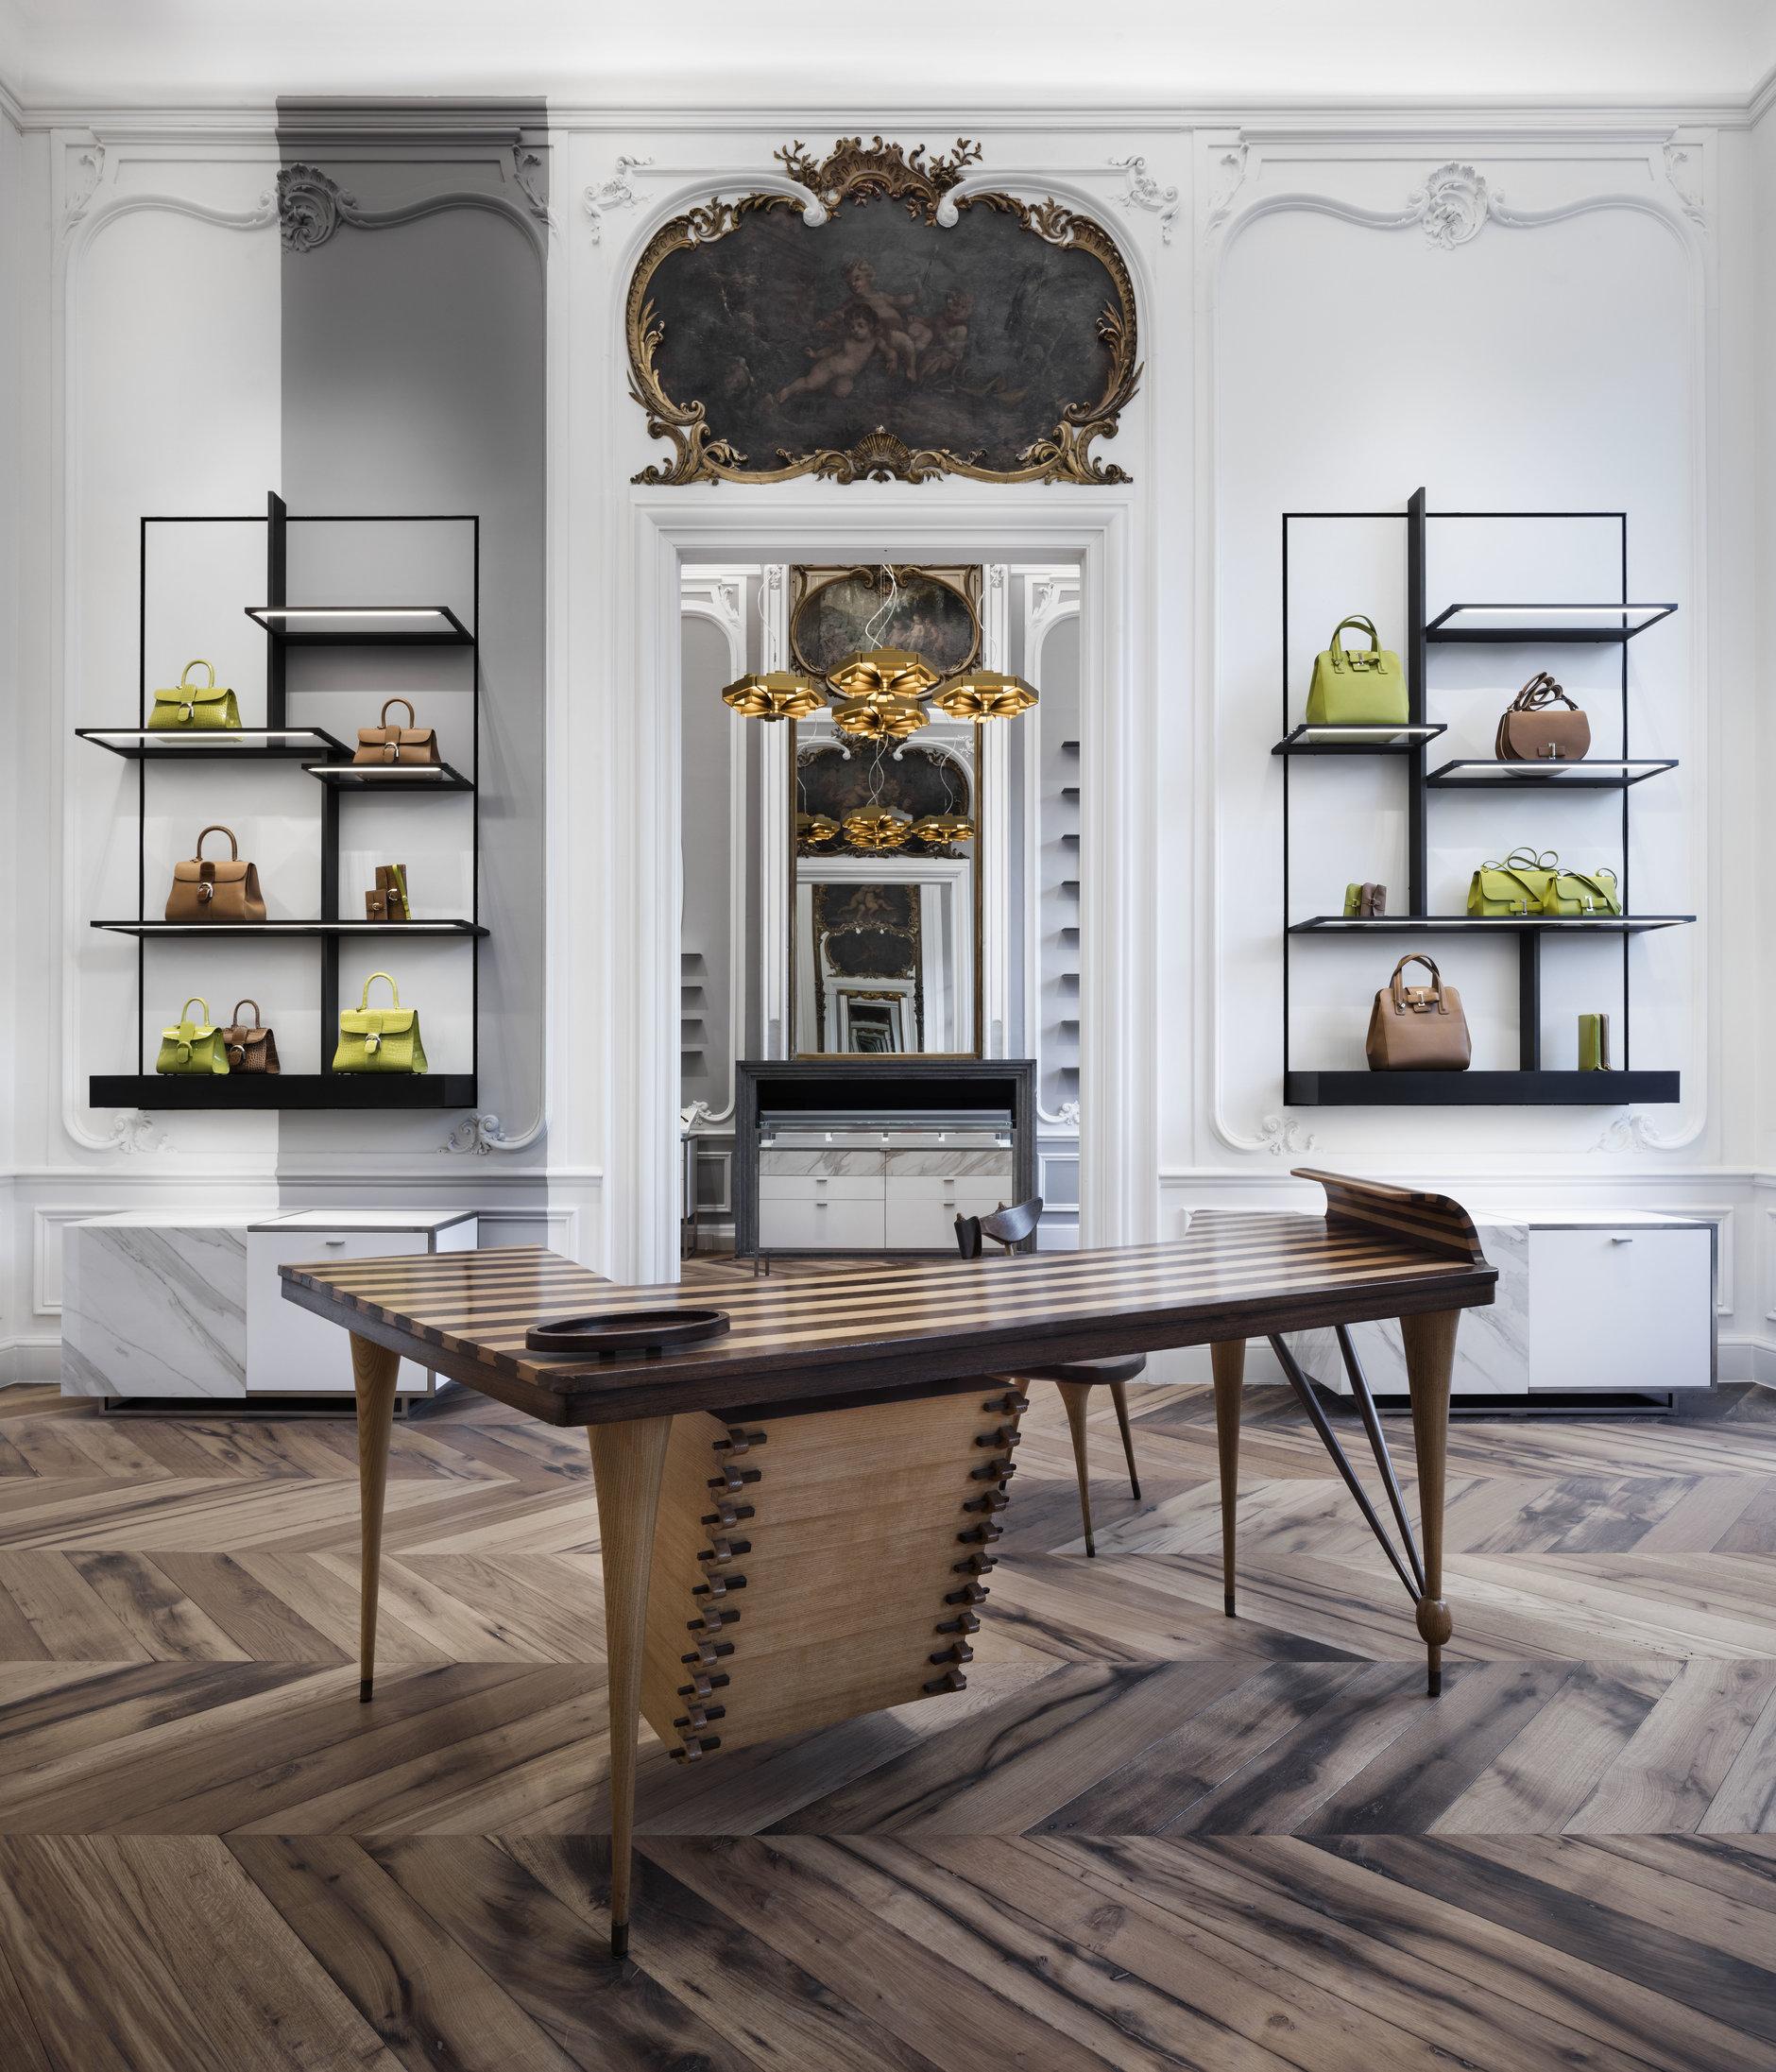 Бутик Delvaux в Брюсселе: современный дизайн в историческом здании (галерея 2, фото 4)